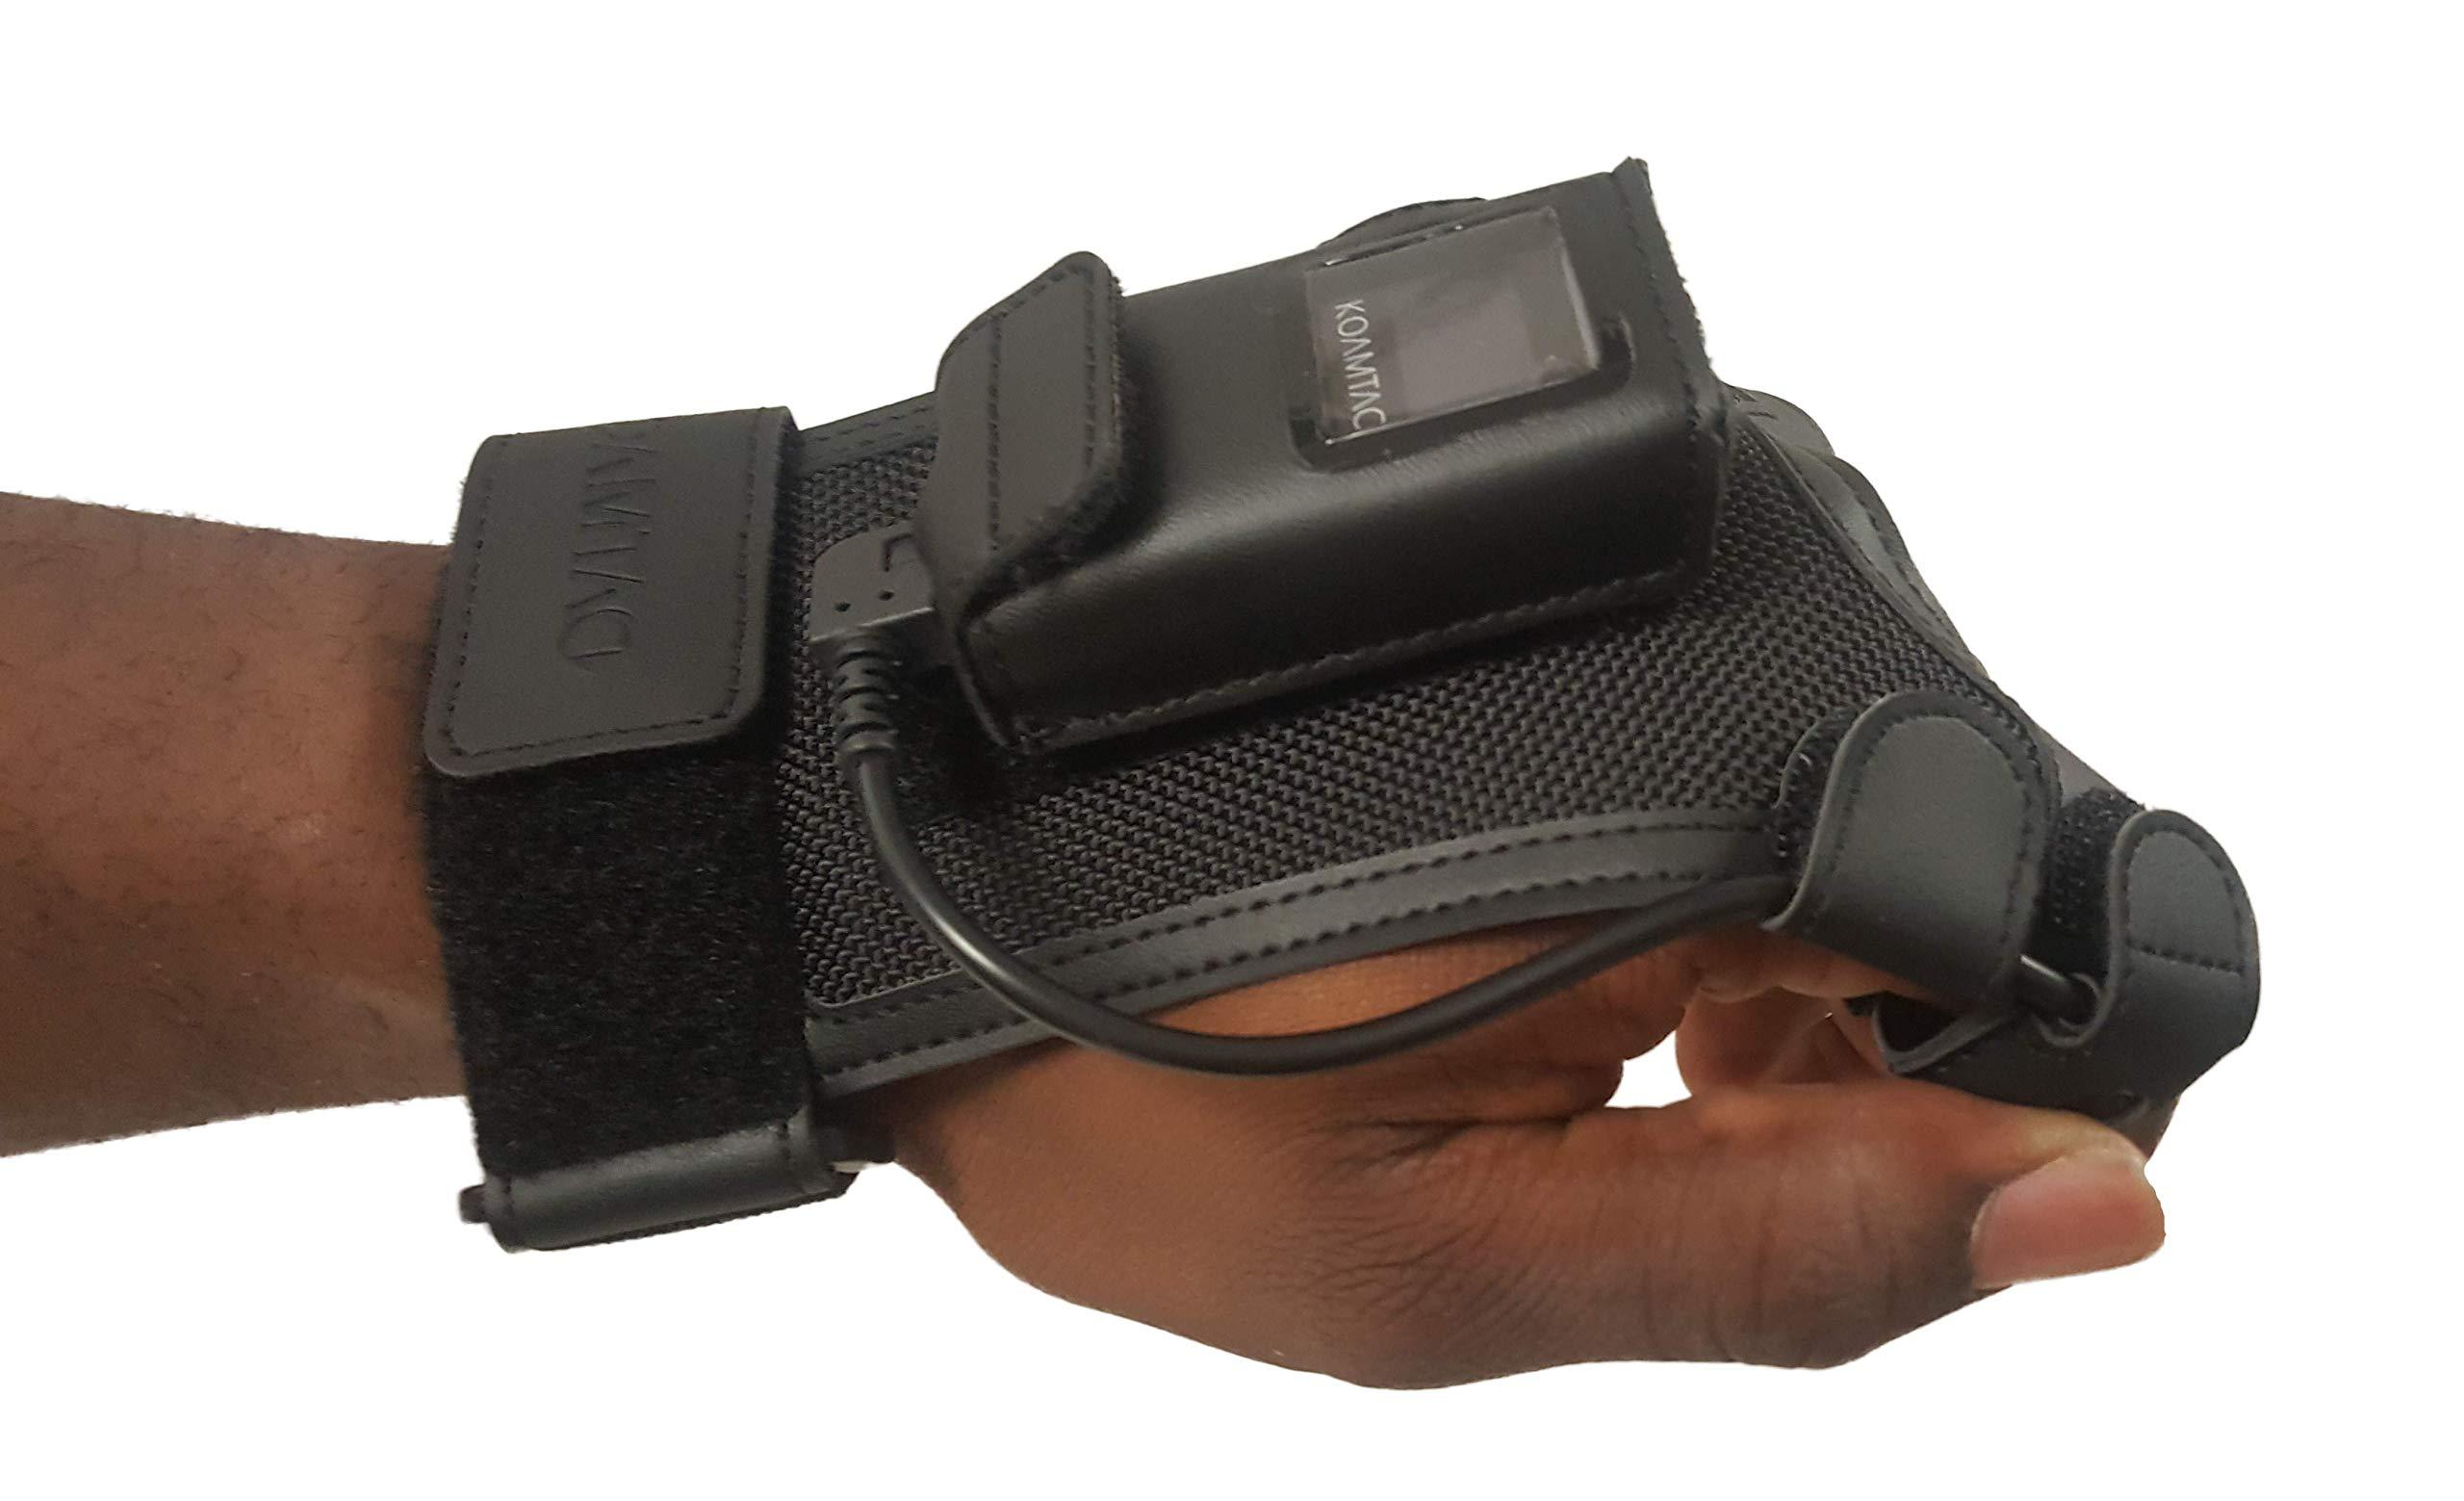 KDC200 Finger Trigger Glove Left Medium Size by KOAMTAC